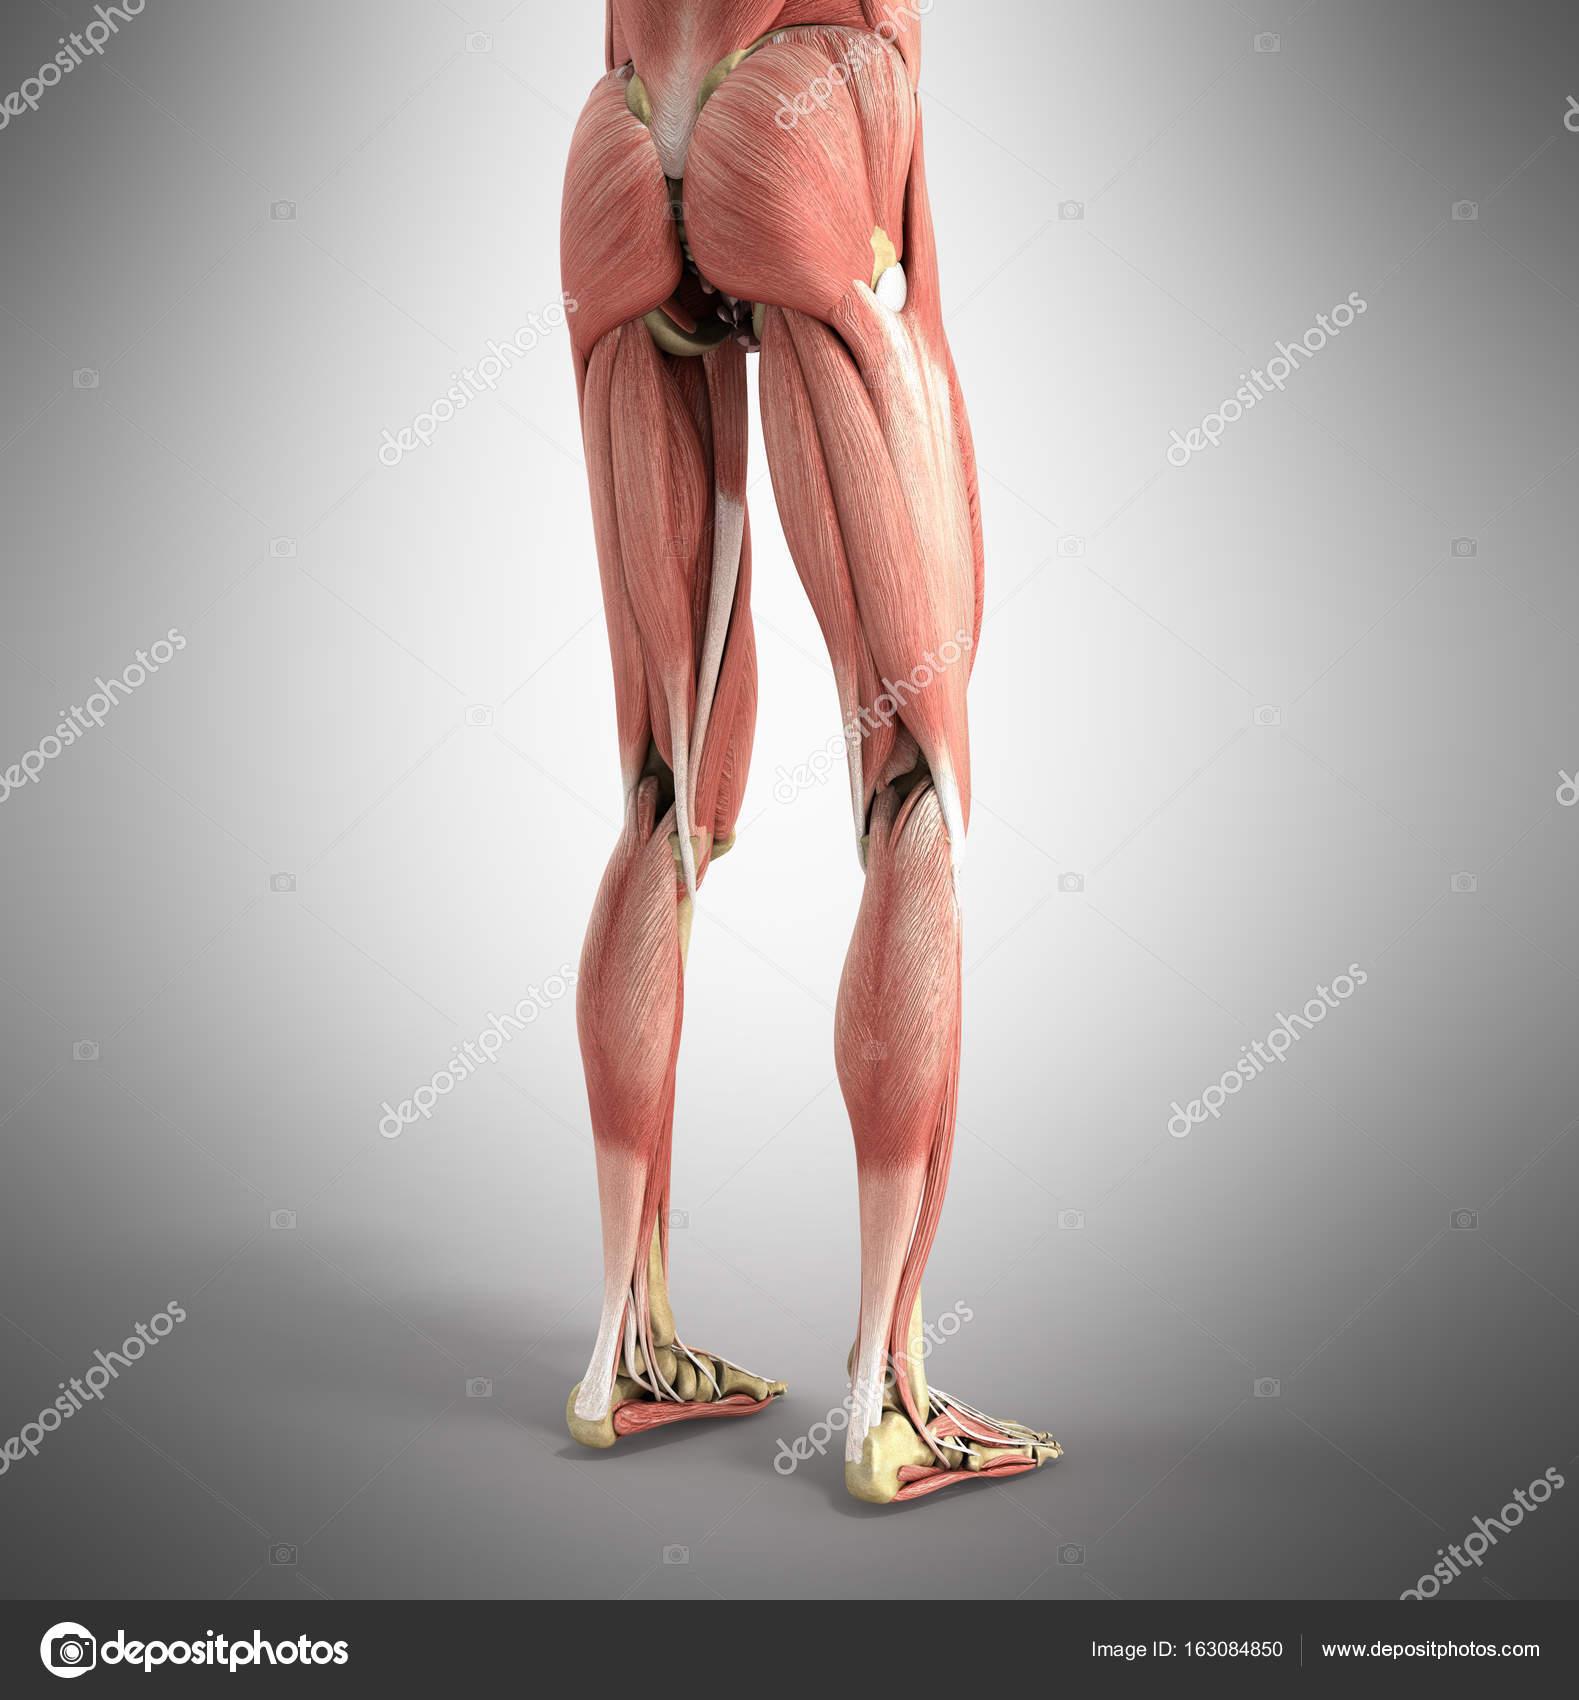 medizinische genaue Abbildung von Bein Muskeln 3d Render auf gr ...